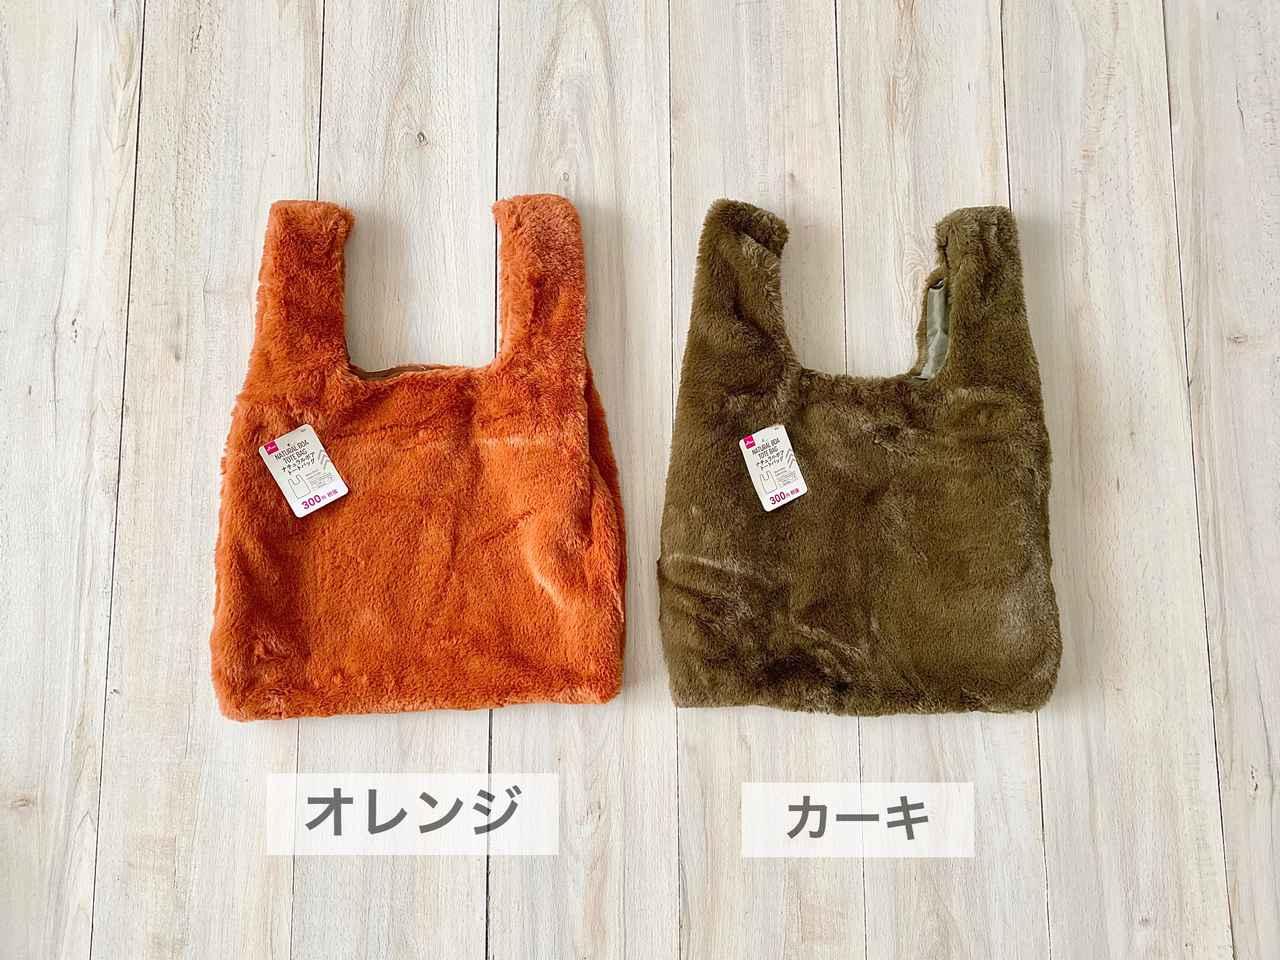 画像3: ダイソーの300円バッグが可愛い!!